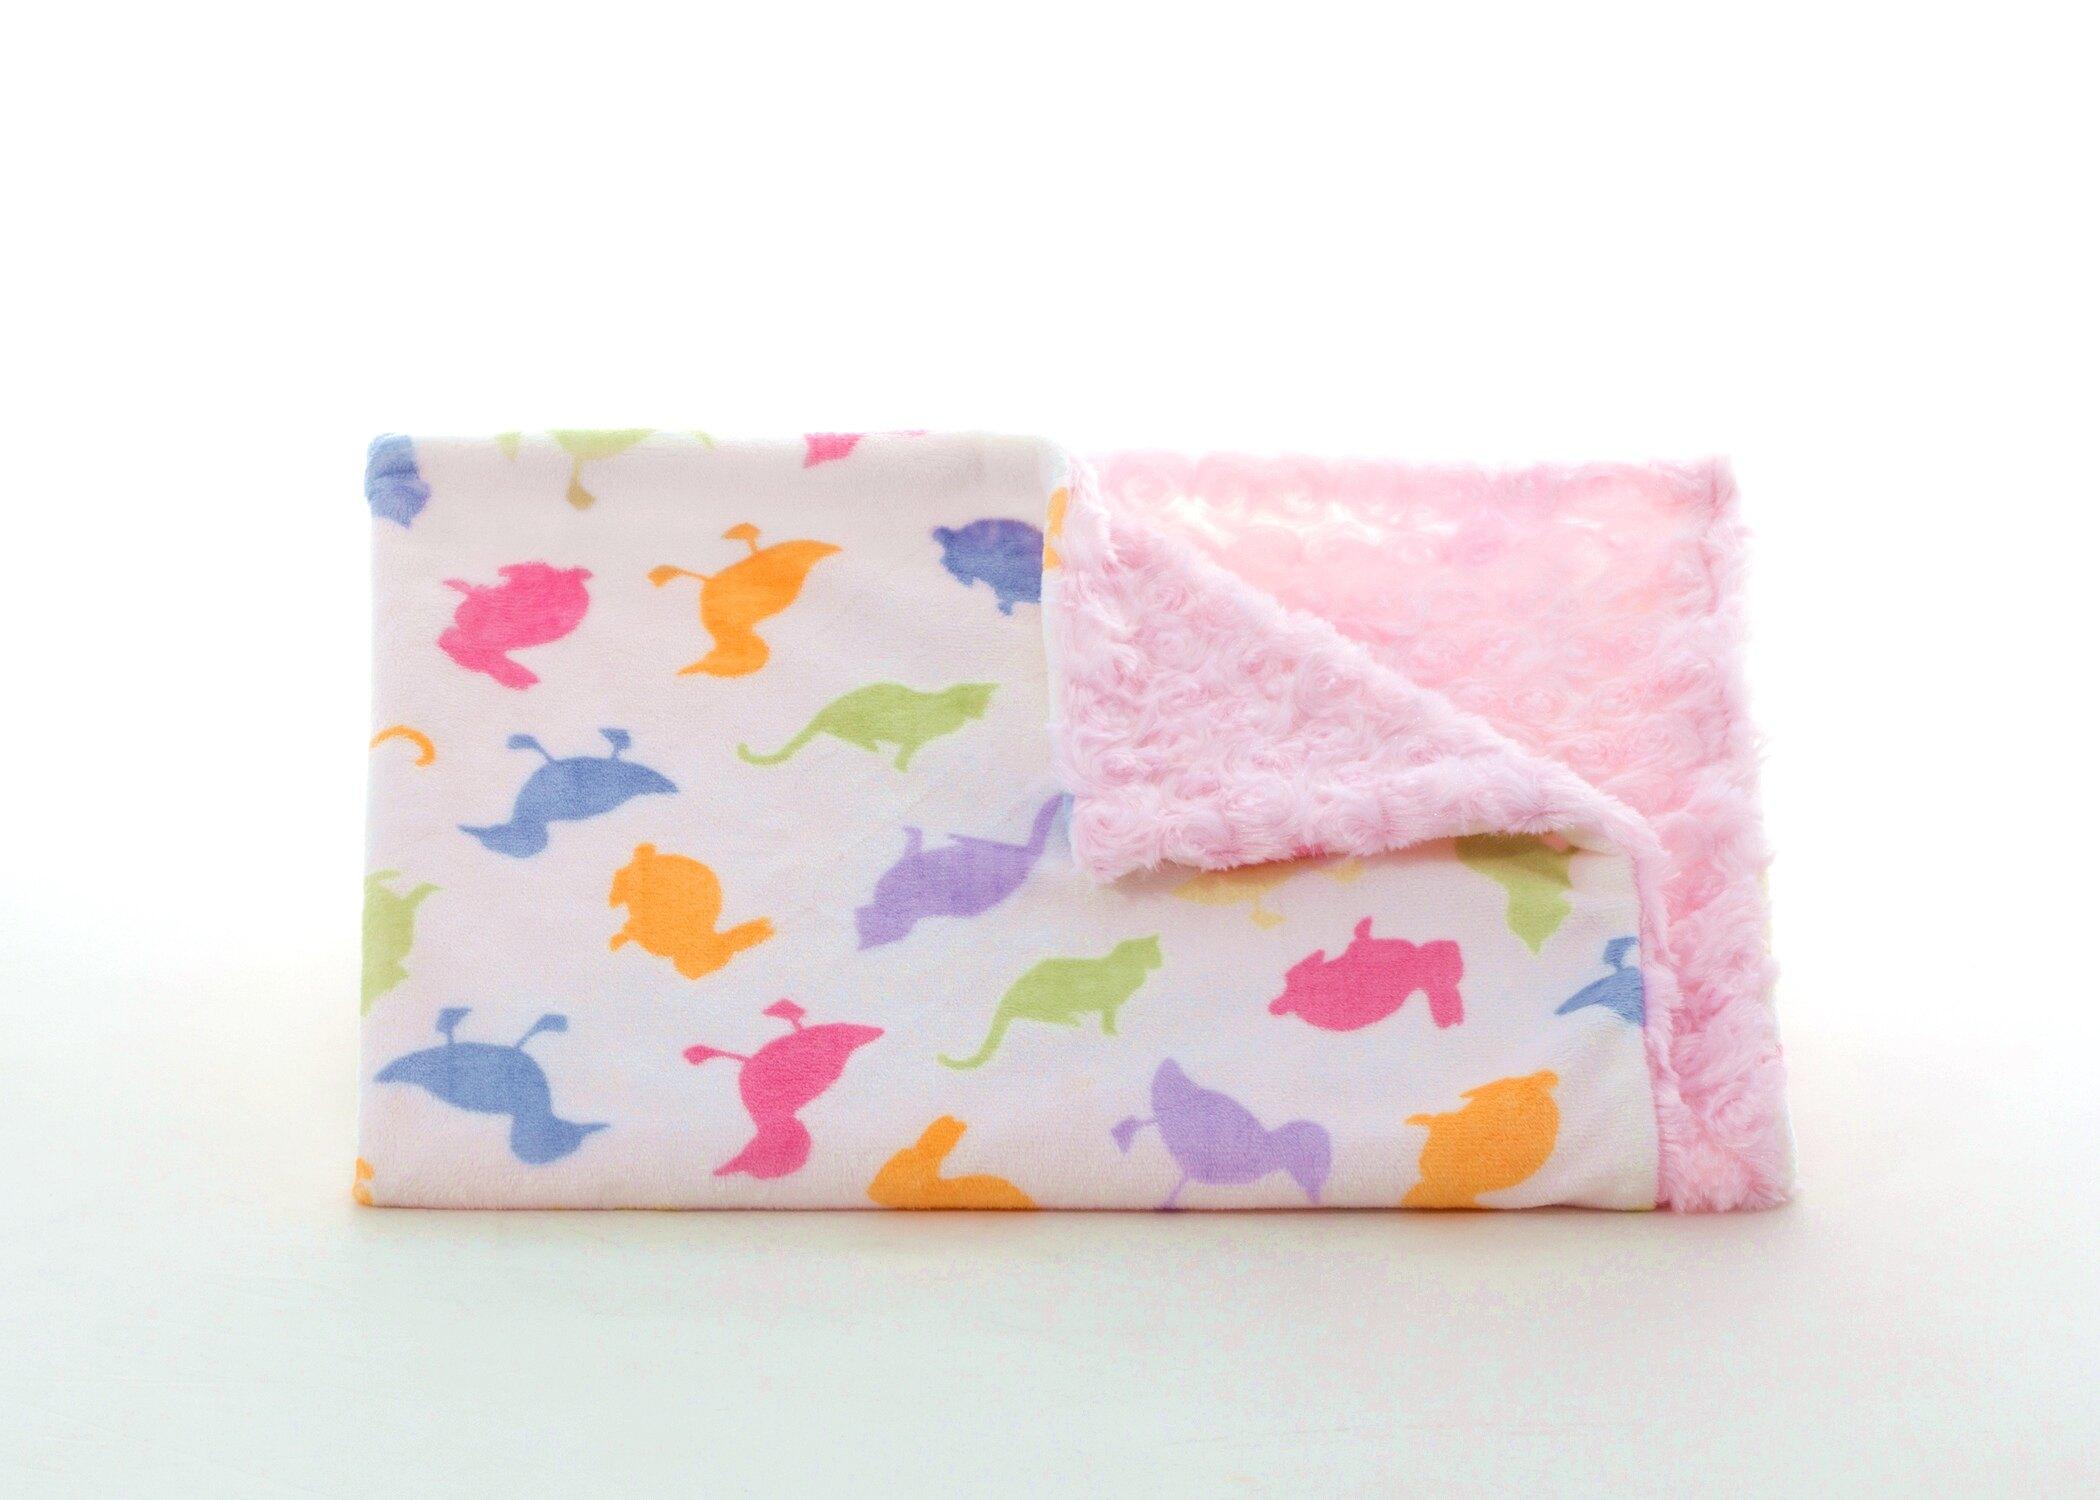 ★啦啦看世界★ 美國製 Tourance 朵蕾花苞毯 / 小小農場粉紅花苞 彌月禮 出生禮 月子 手工毯 寶寶毯 嬰兒毯 滿月 柯以柔 美國毯